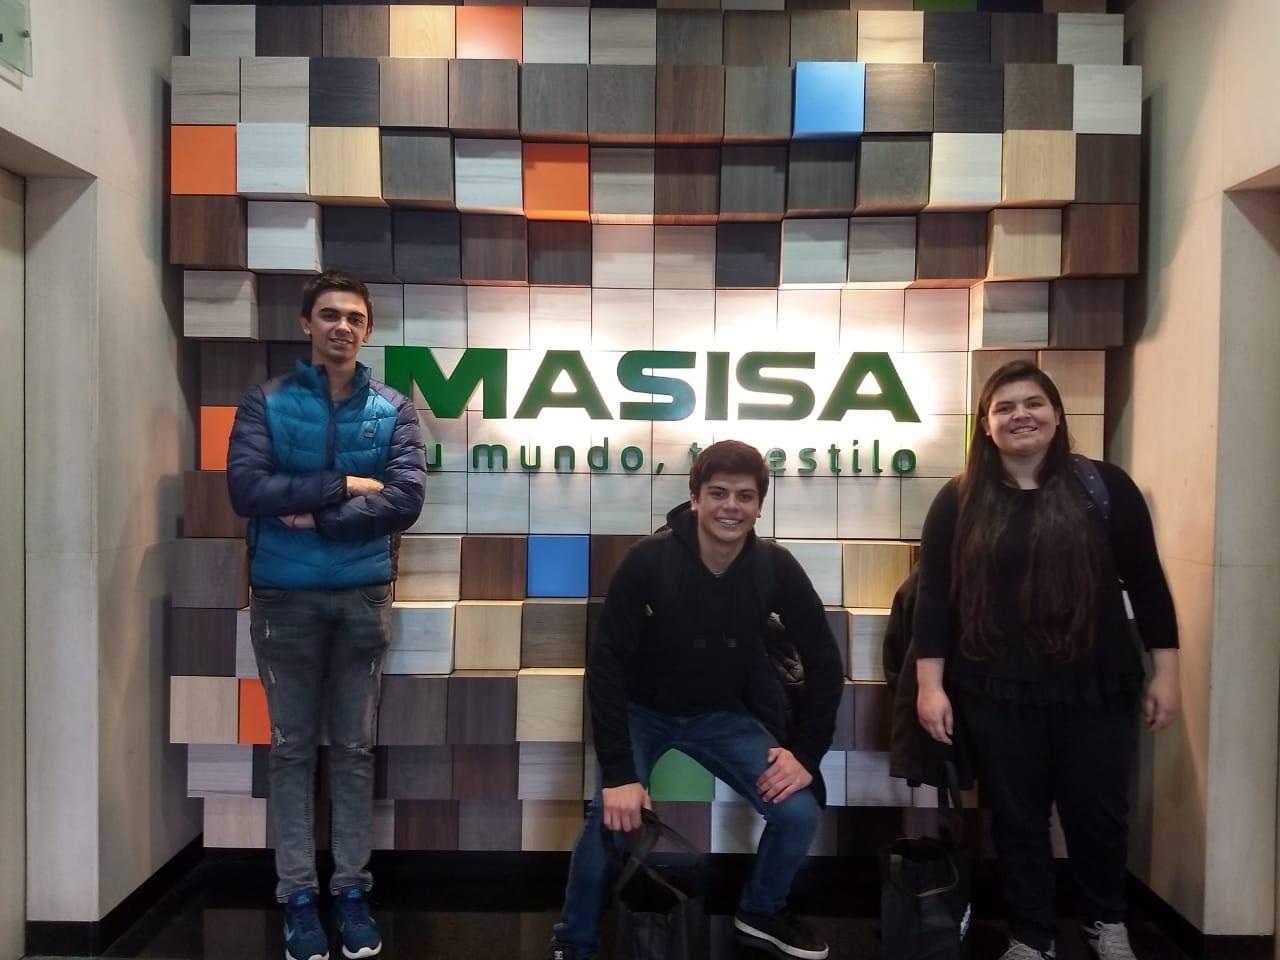 masisa1